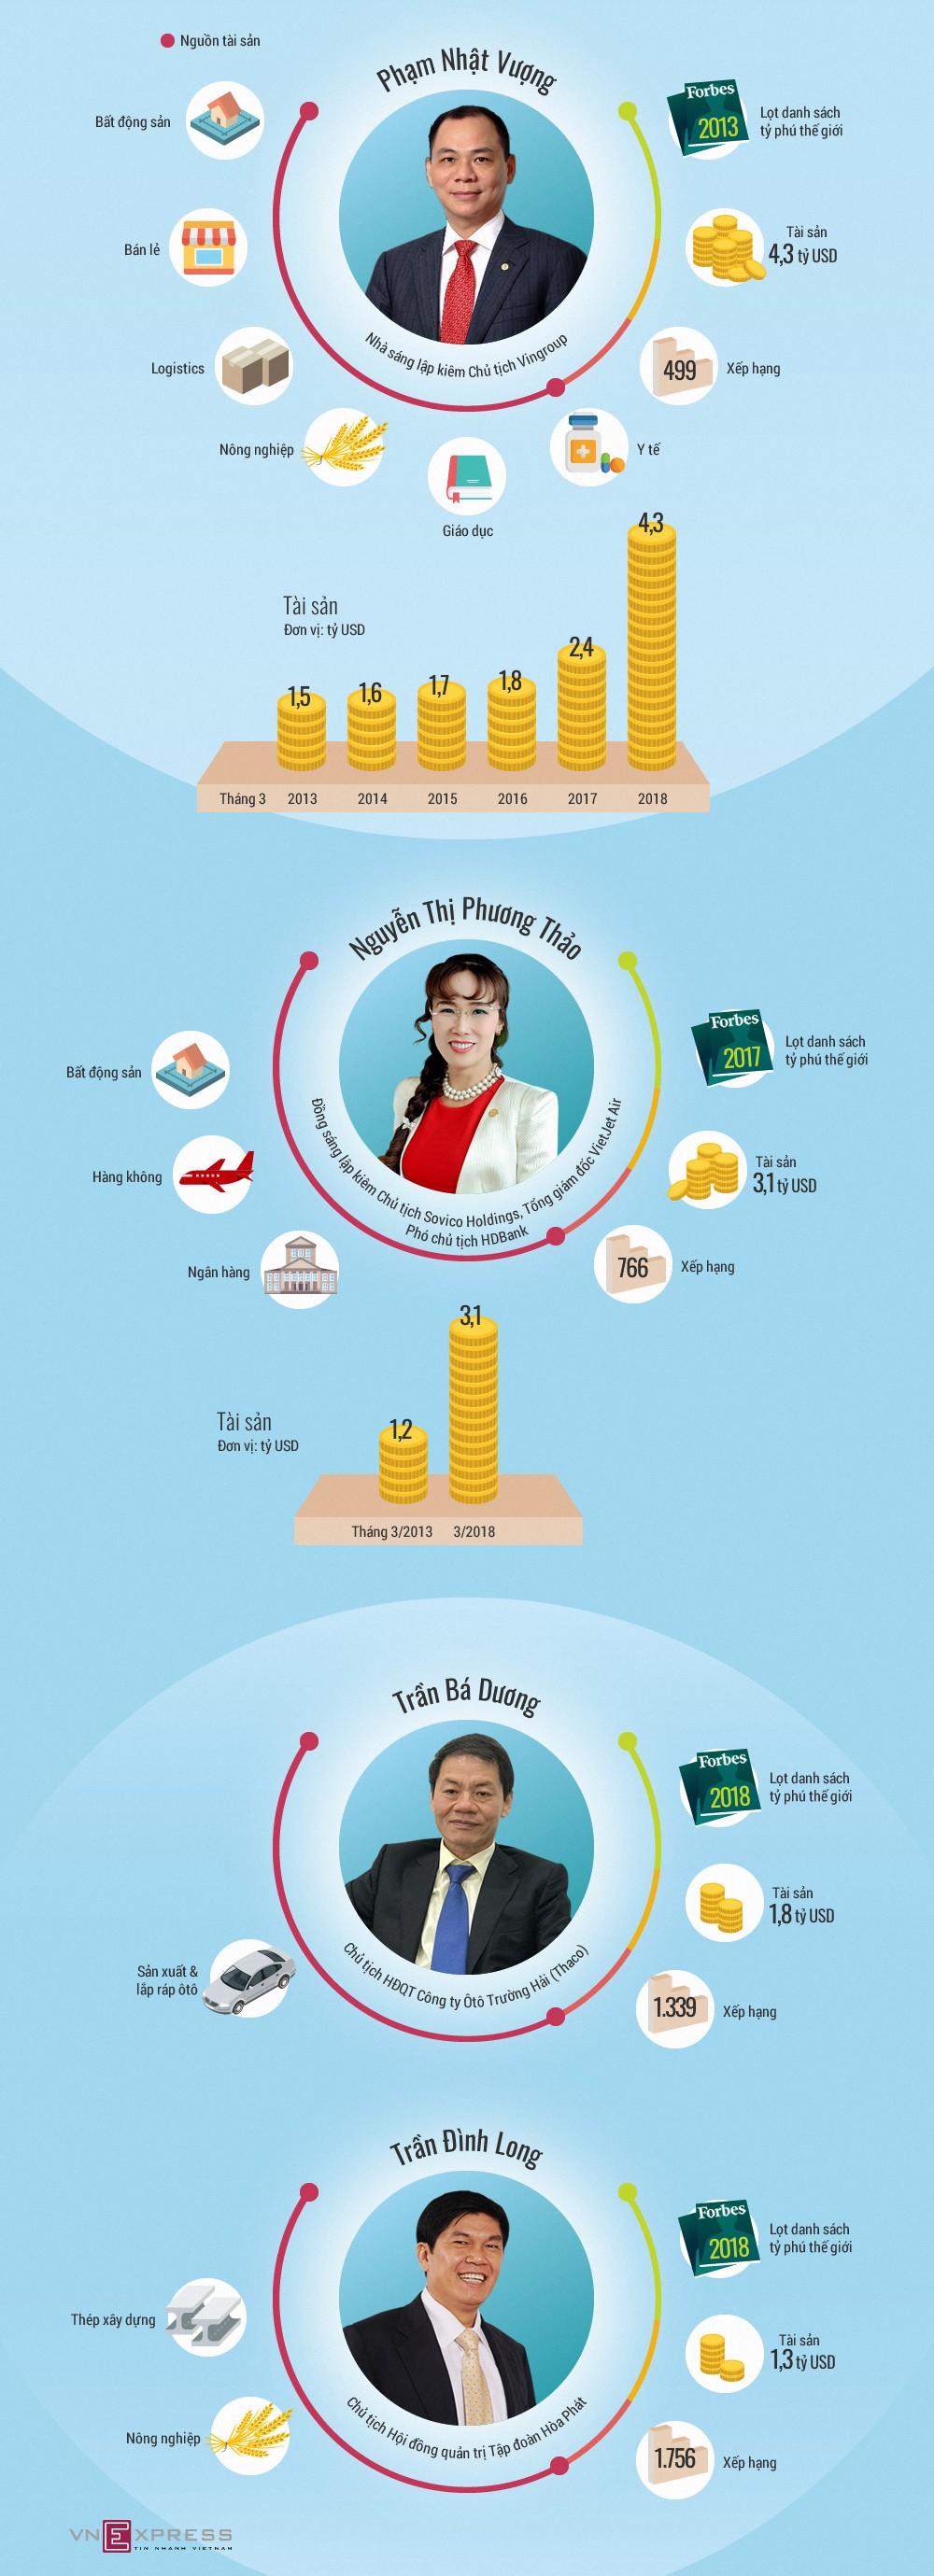 Tài sản của tỷ phú Việt Nam đến từ đâu? - ảnh 1